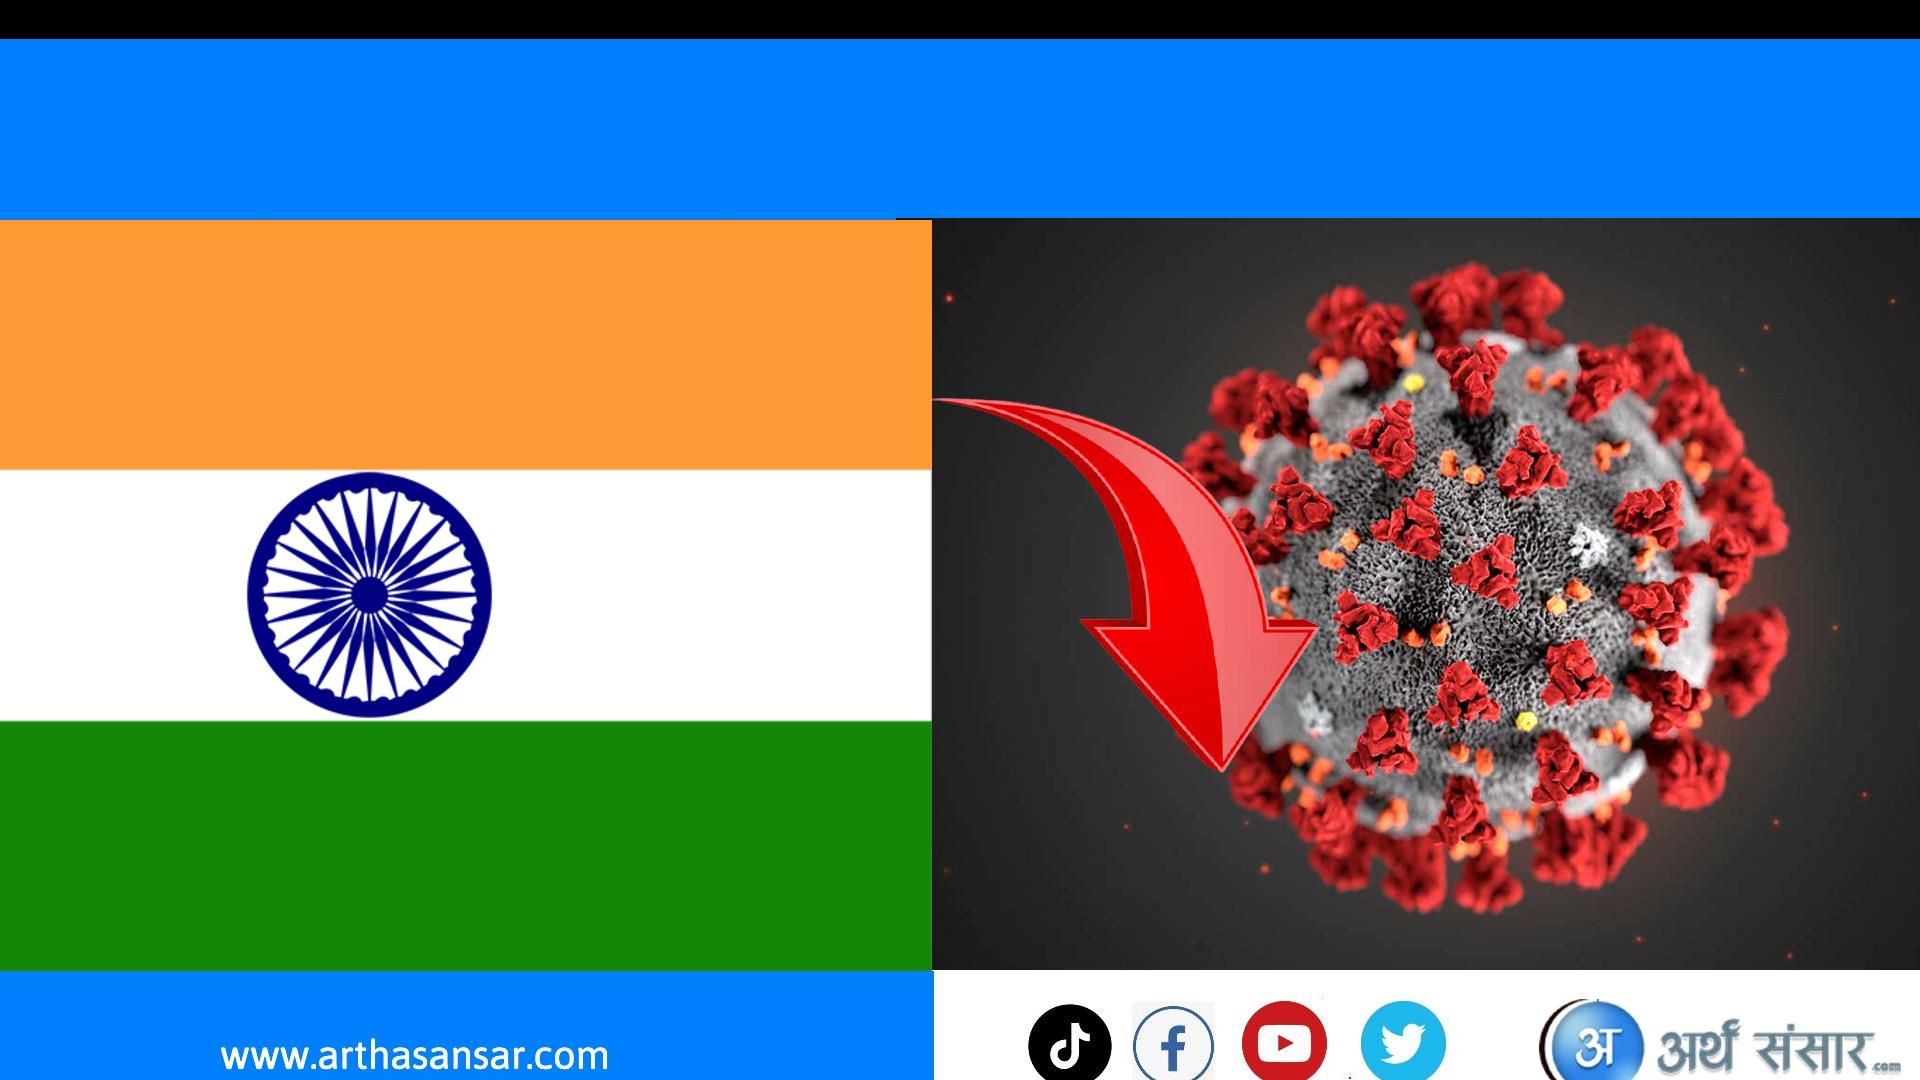 भारतमा निरन्तर घट्दैछ सक्रमितको संख्या आइतबार ७० हजारमा संक्रमण पुष्टी